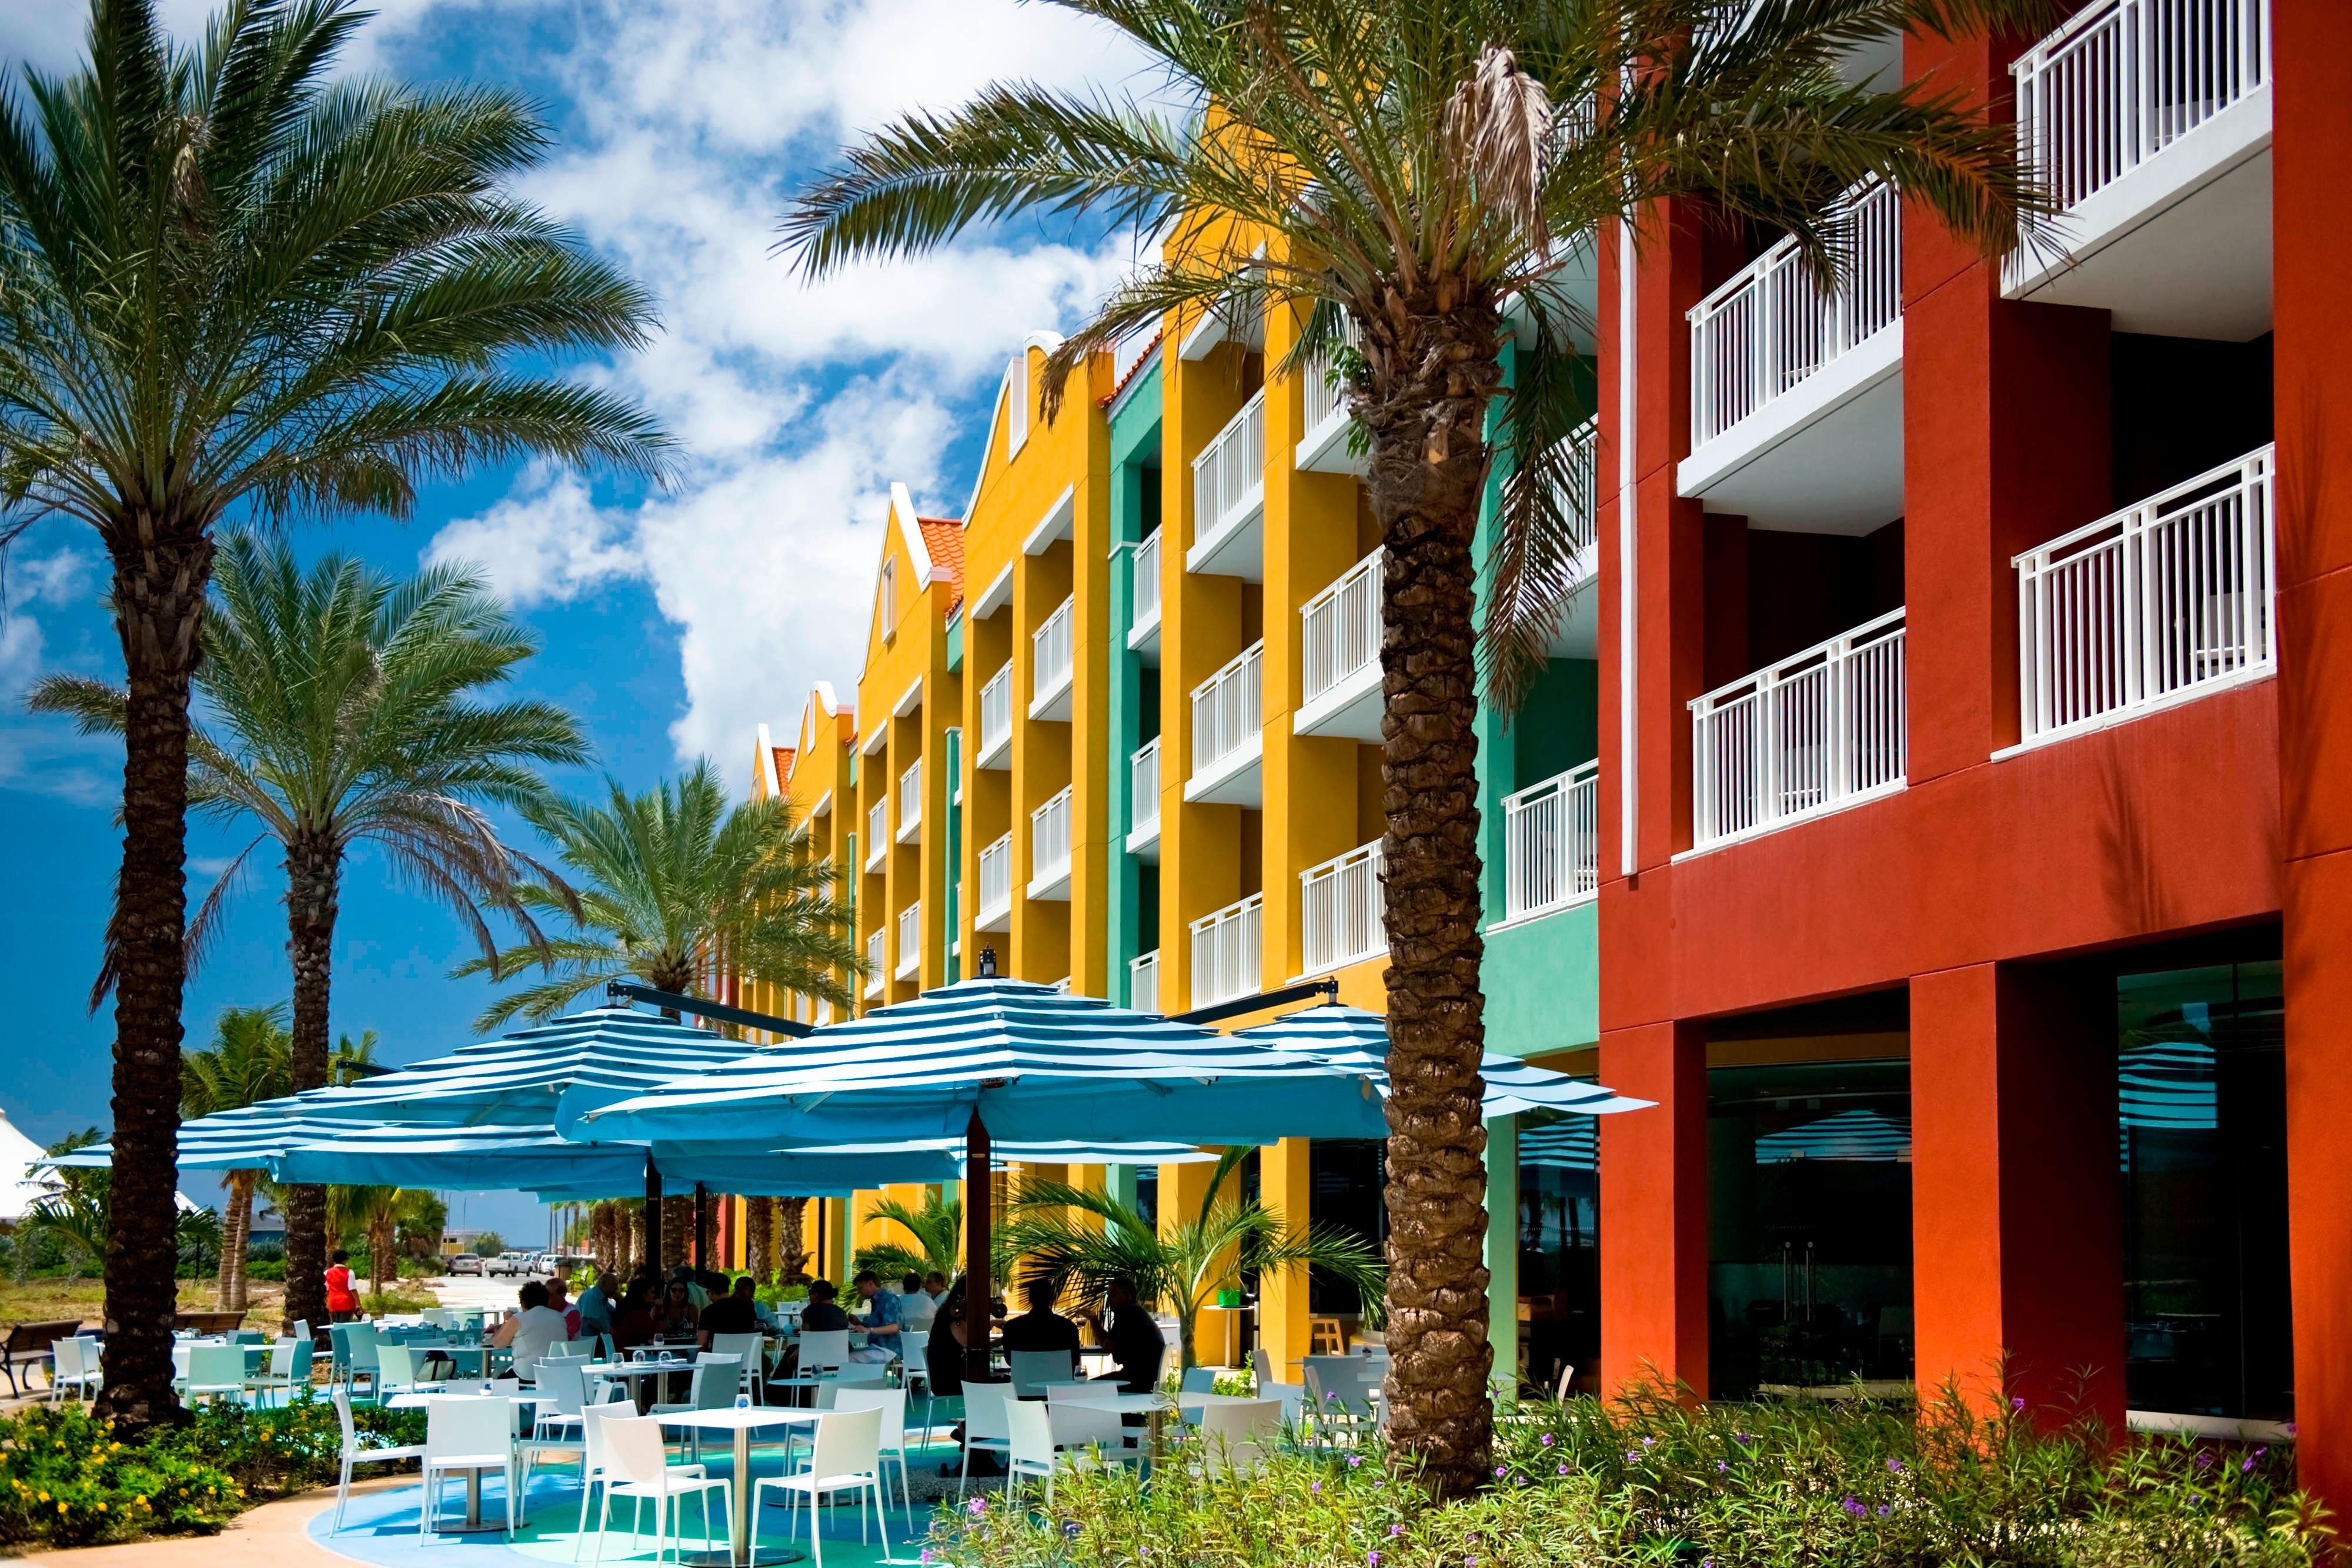 Fachada del hotel de la playa de Curaçao